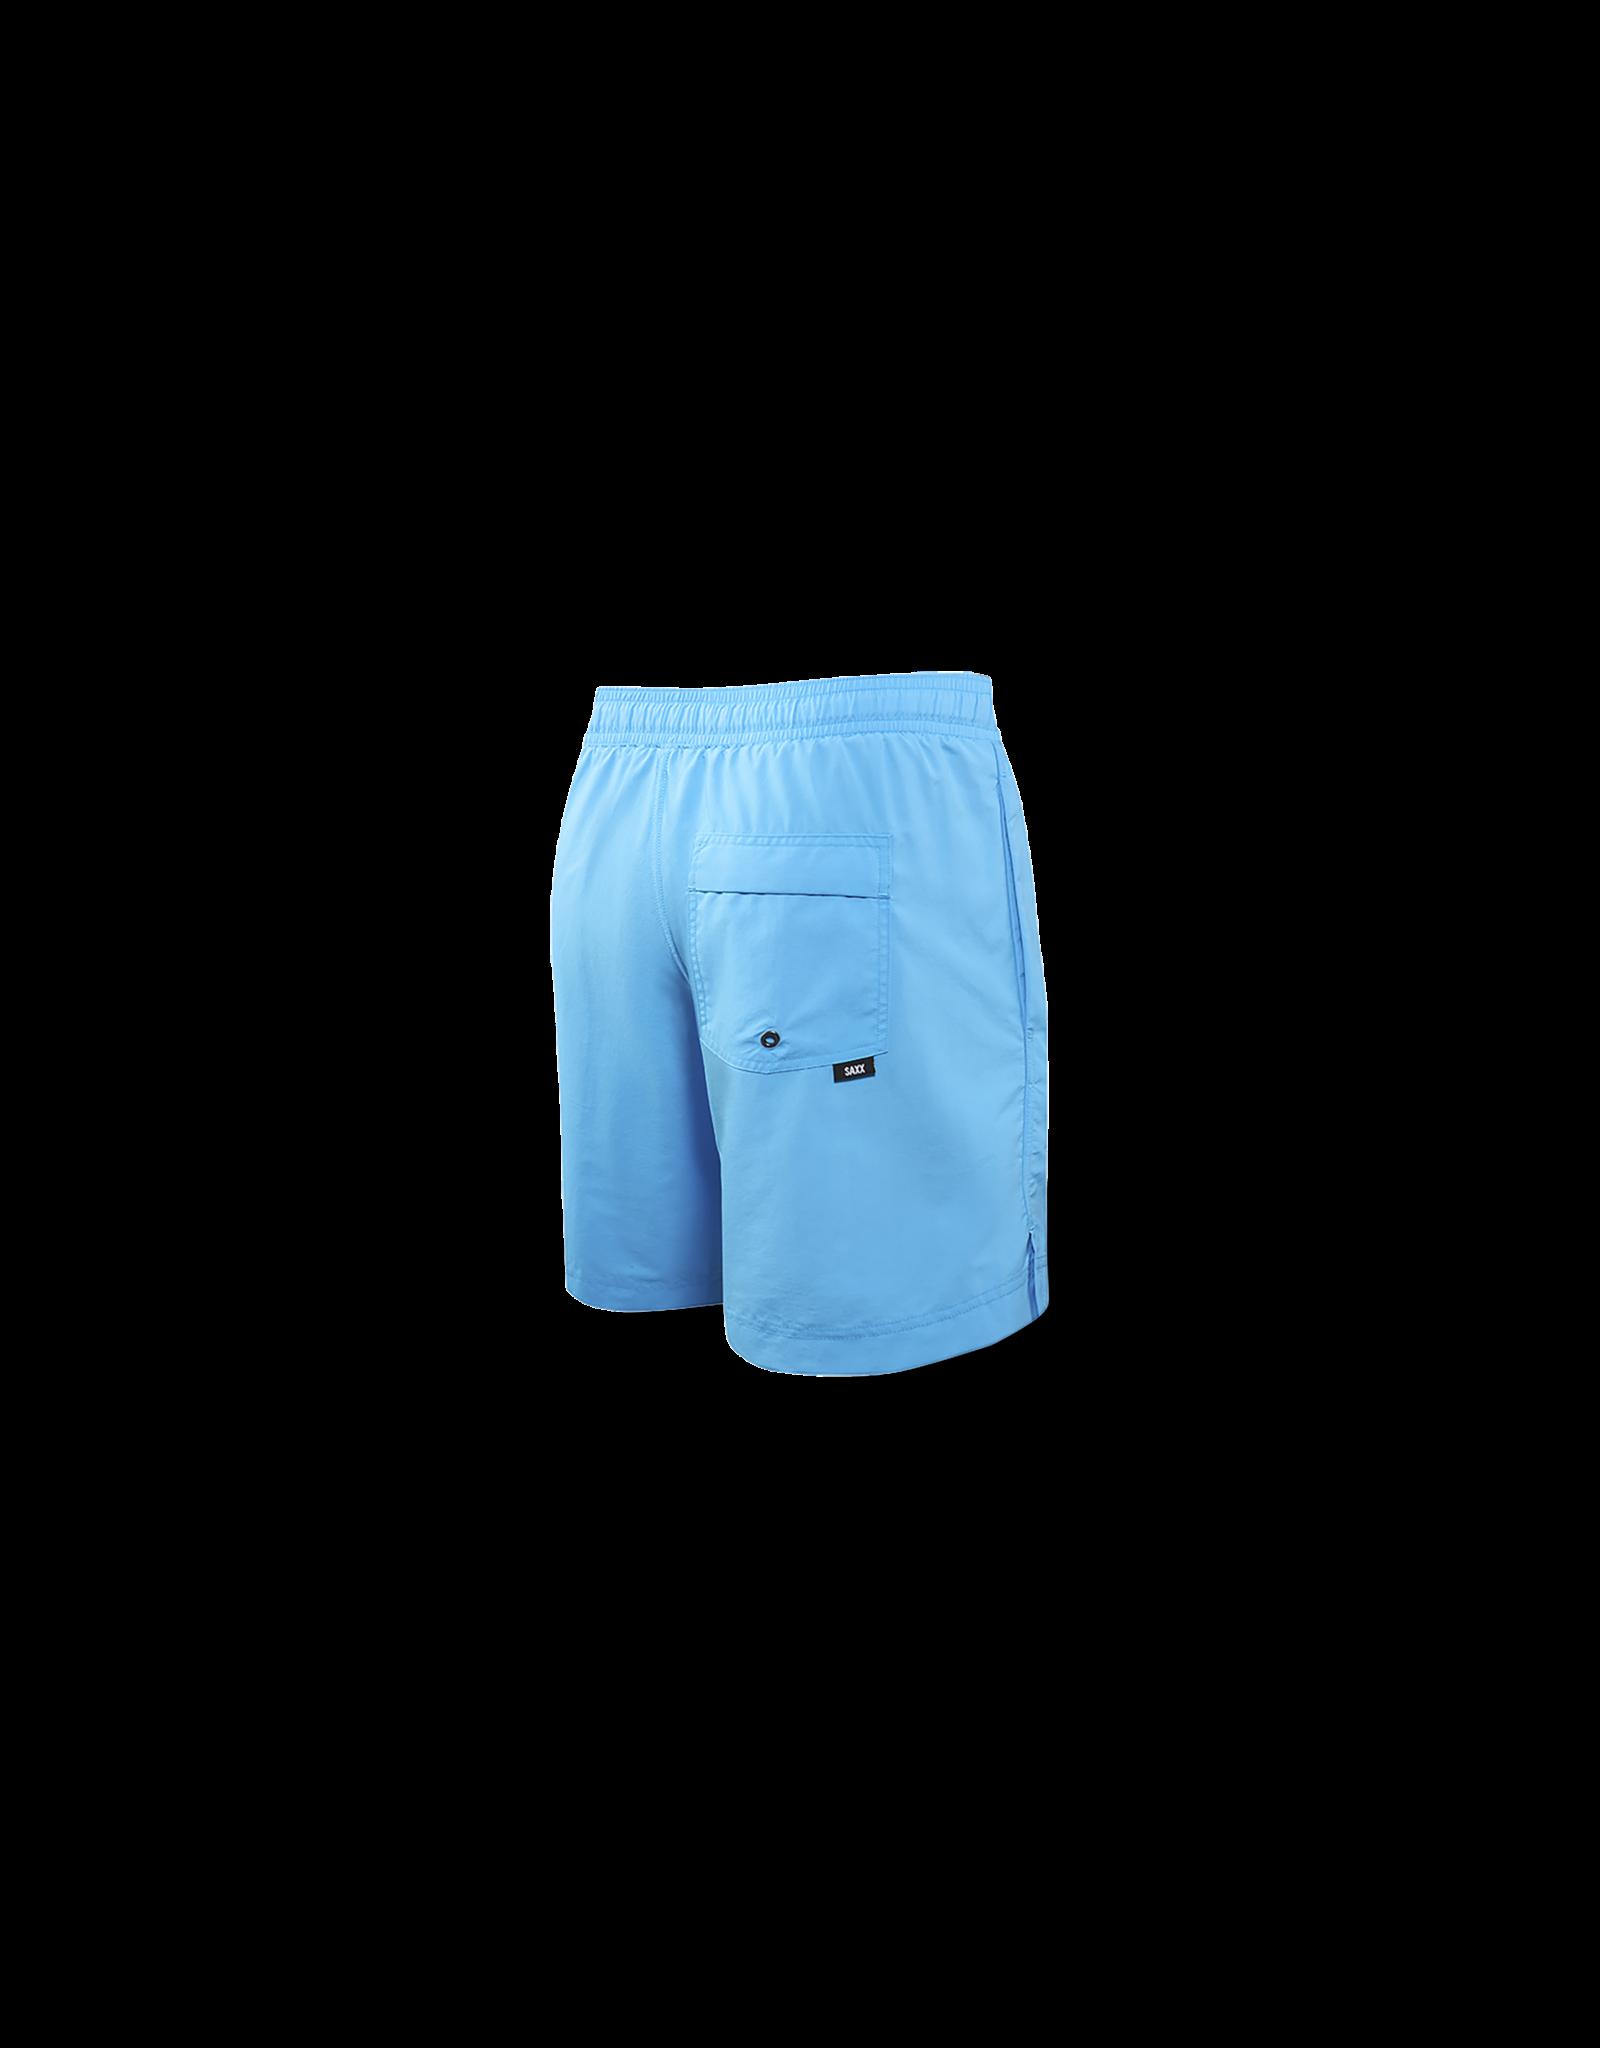 Saxx Saxx Cannonball 2N1 Regular - Maui Blue